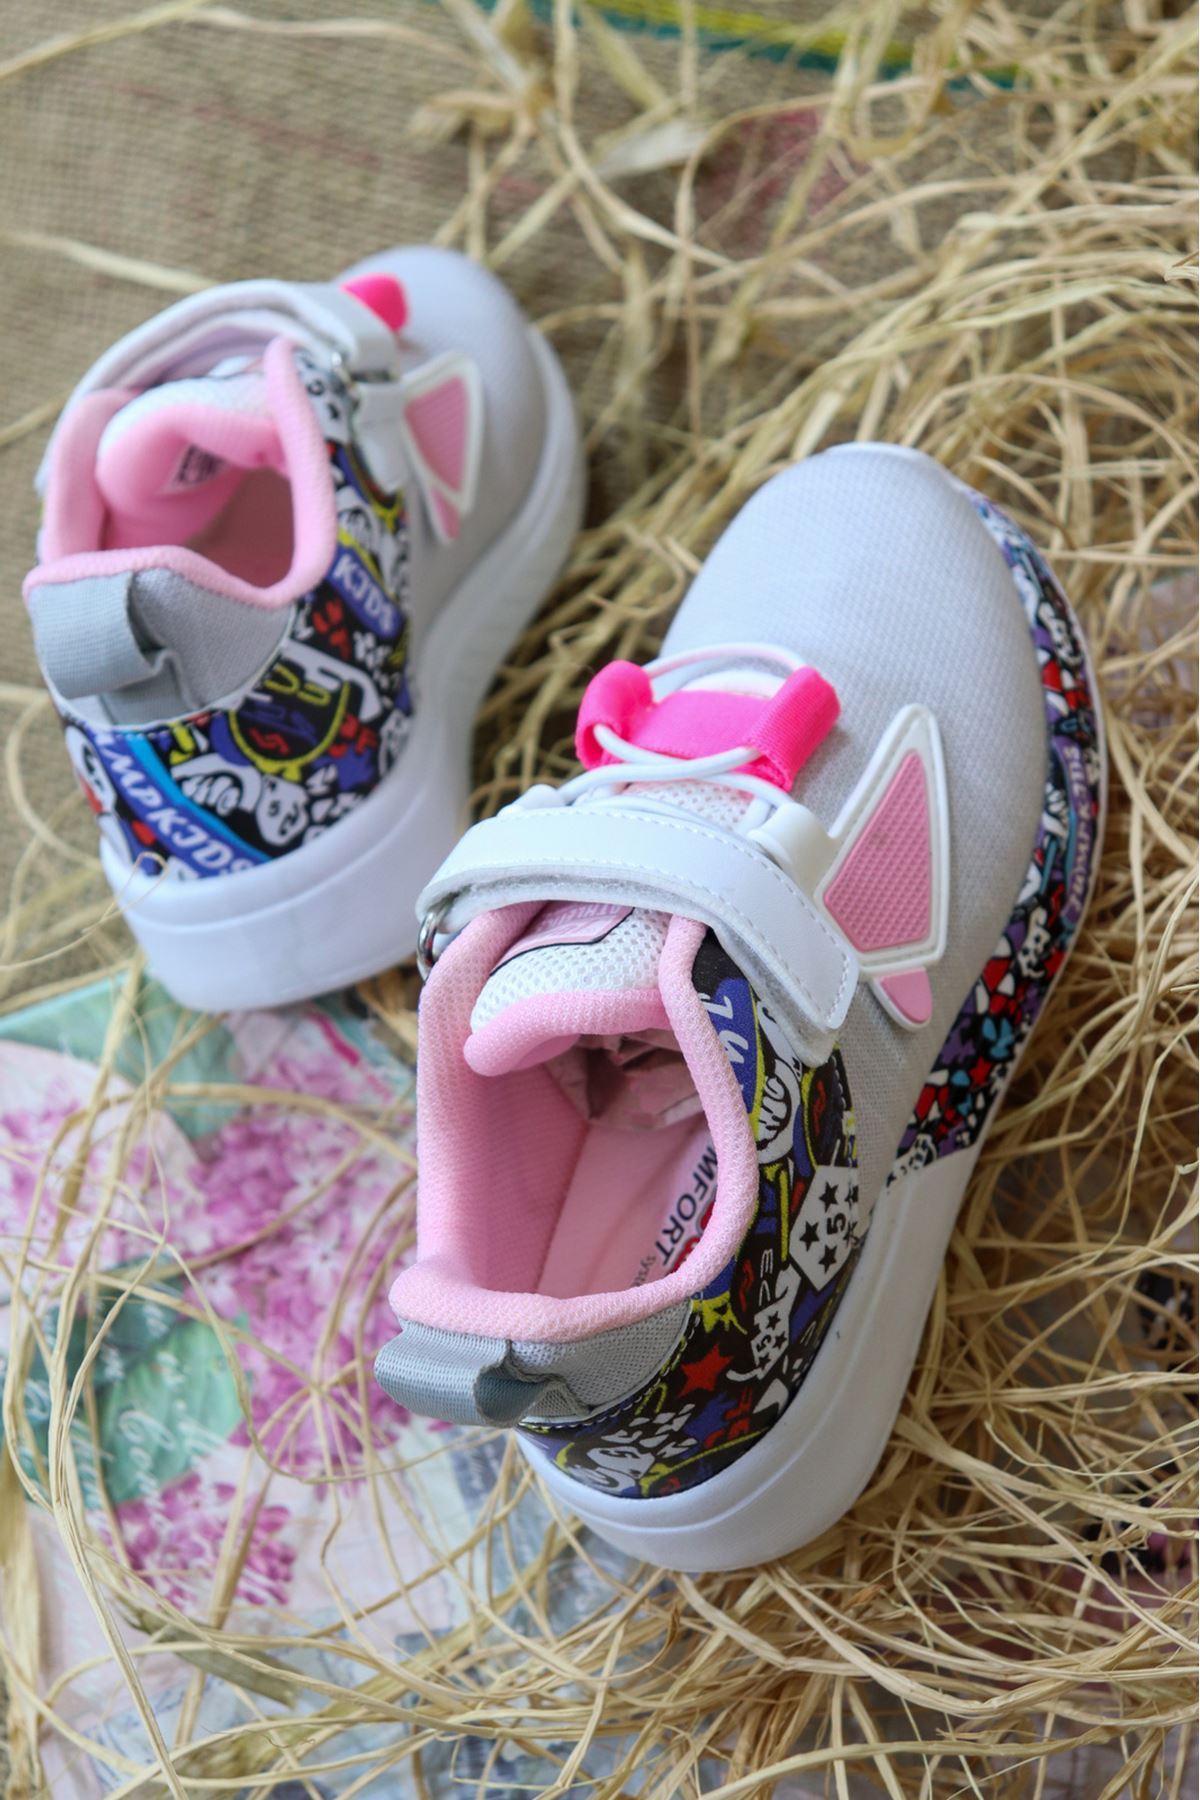 Jump - 26092 Gri Pembe Desenli Çocuk Spor Ayakkabısı